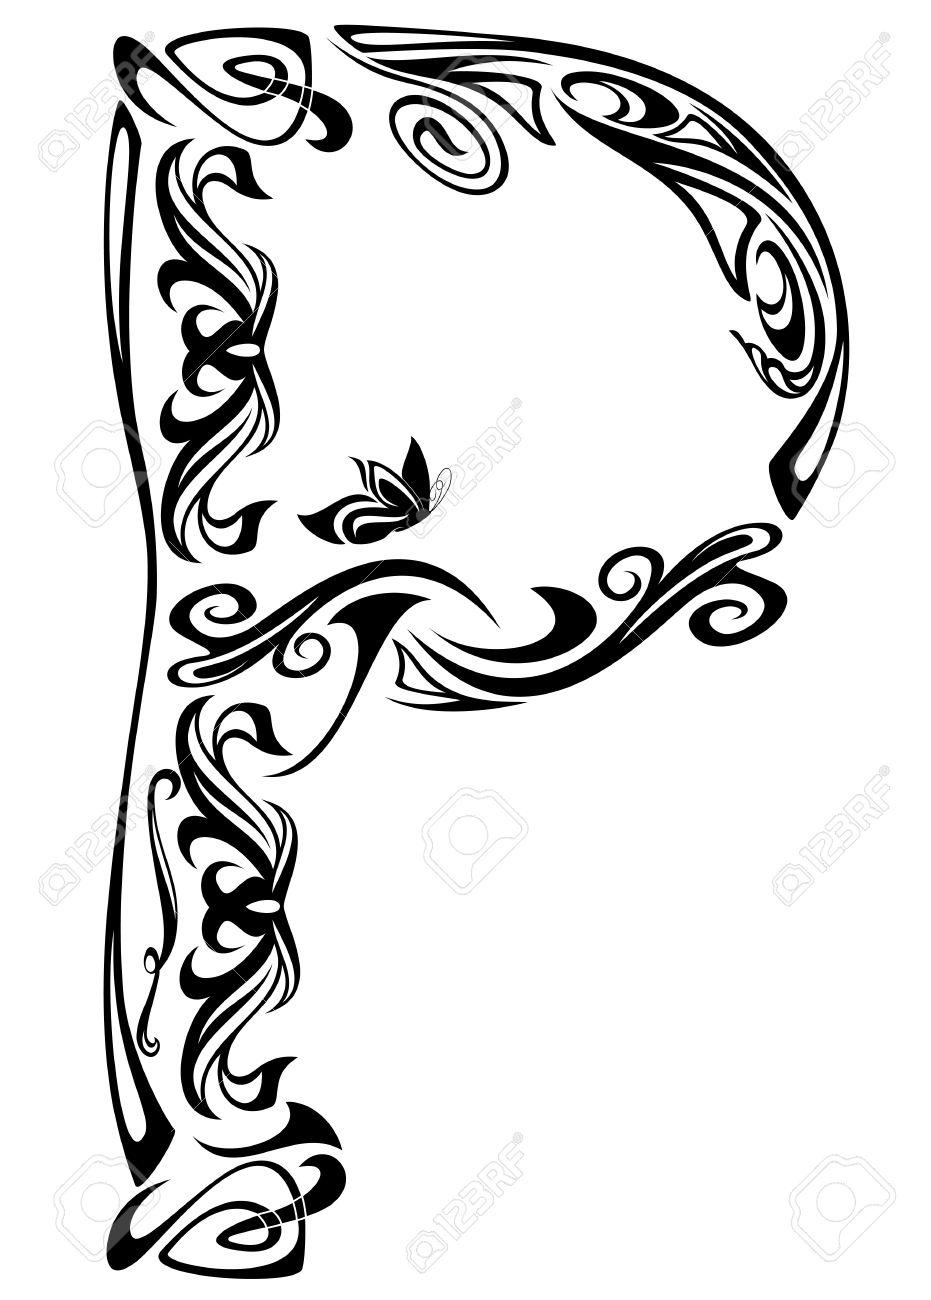 Art Nouveau Style Vintage Font Letter P Black And White Outline